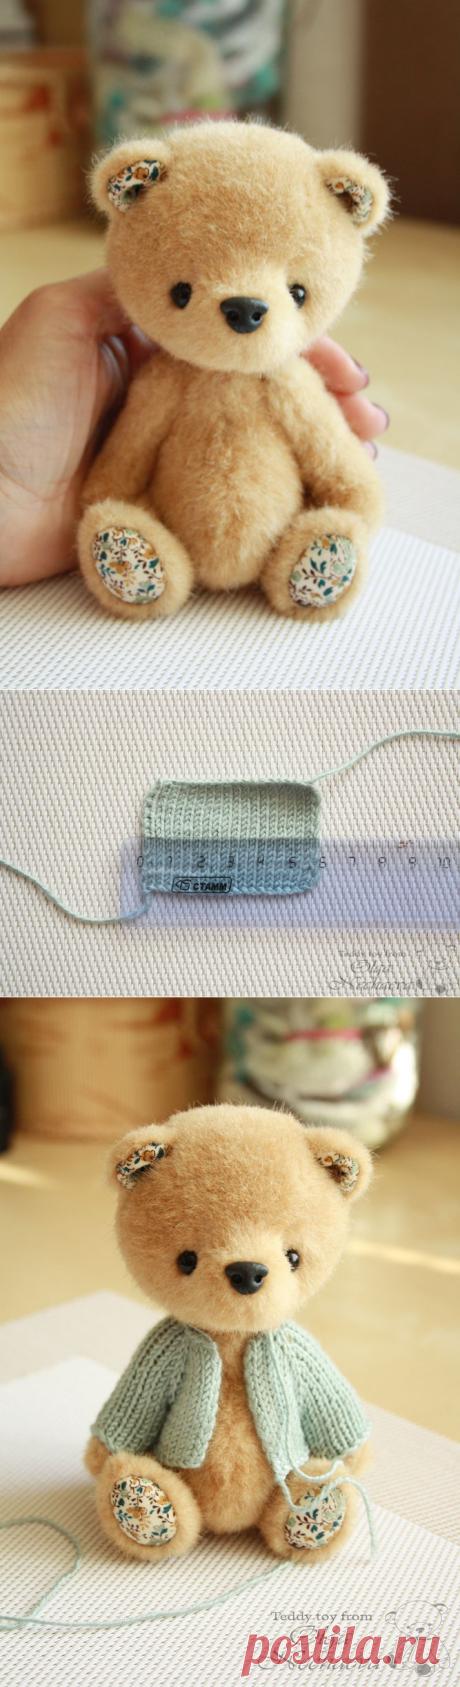 Мастер-класс по вязанию кофточки с капюшоном для мишки - Ярмарка Мастеров - ручная работа, handmade